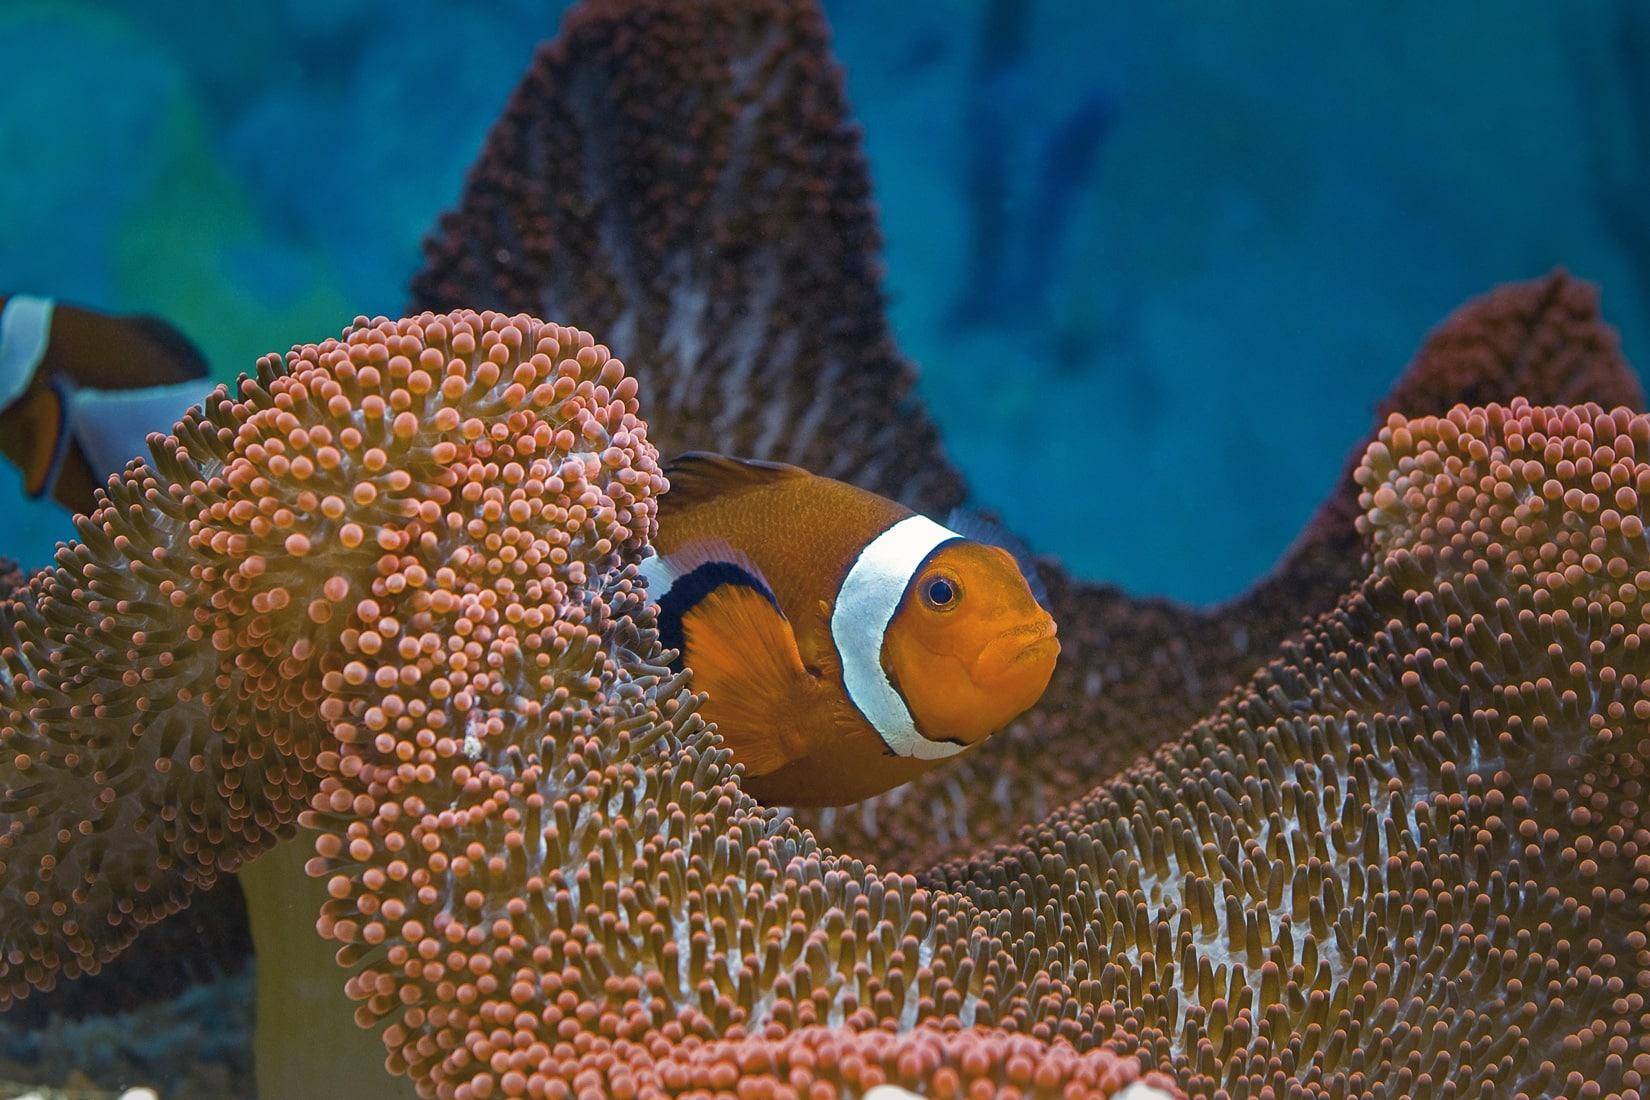 Le poisson-clown et son anémone hôte - Amphiprion ocellaris